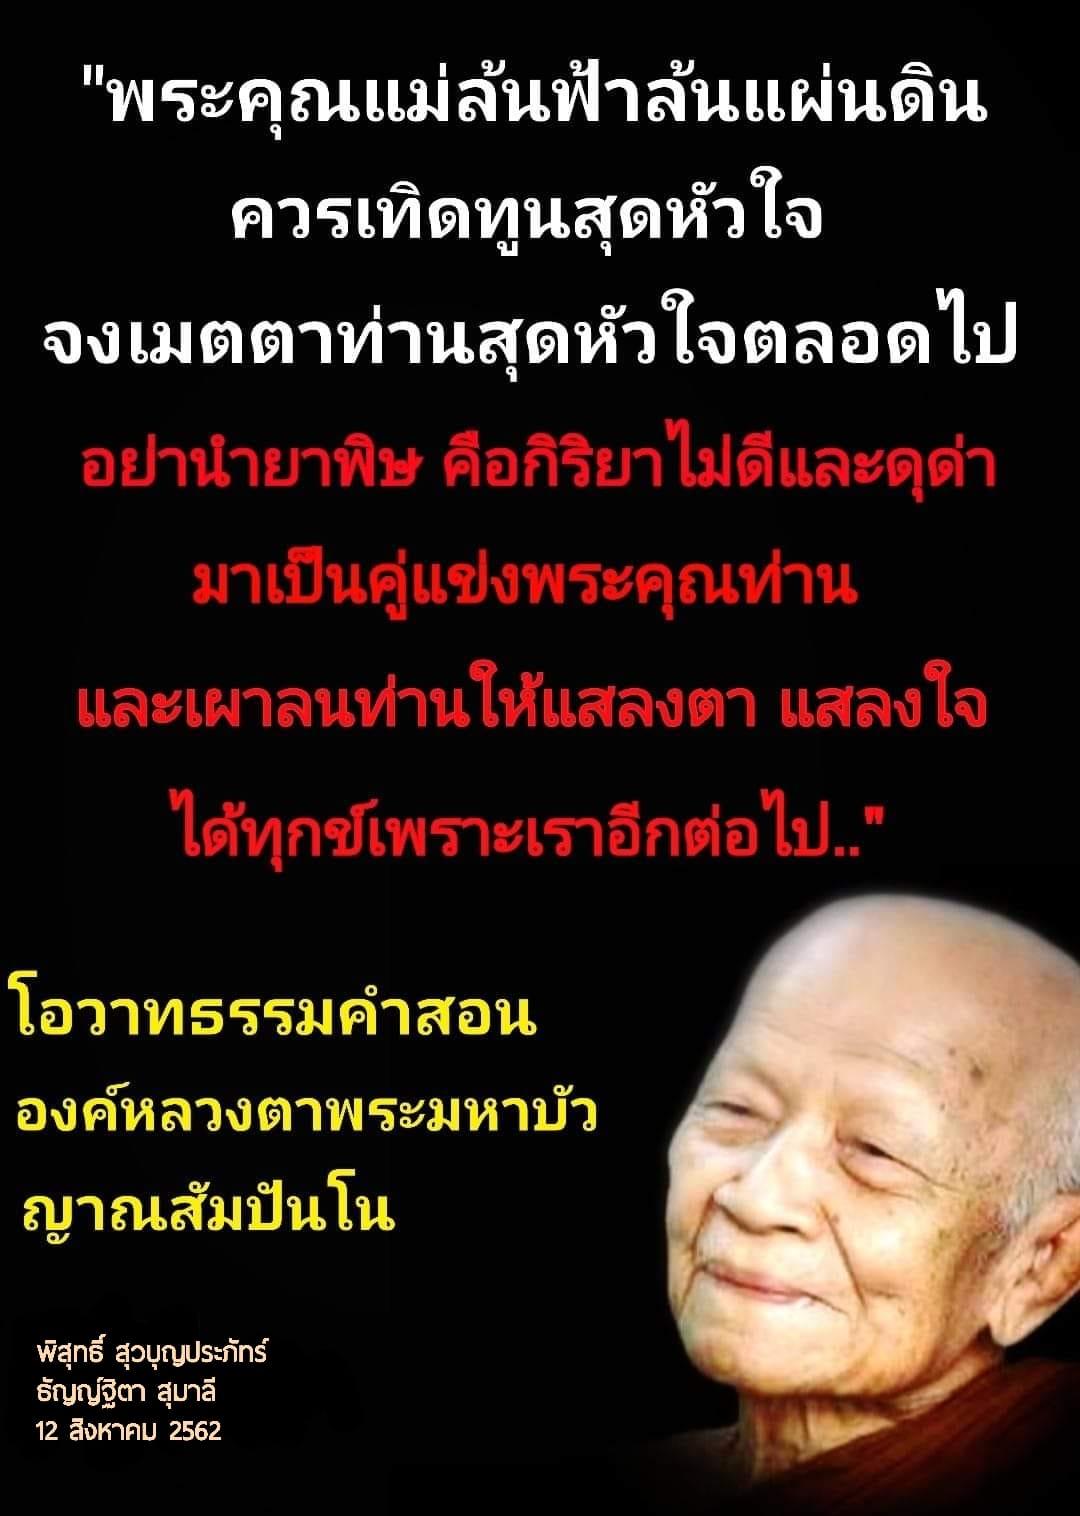 FB_IMG_1565573986137.jpg